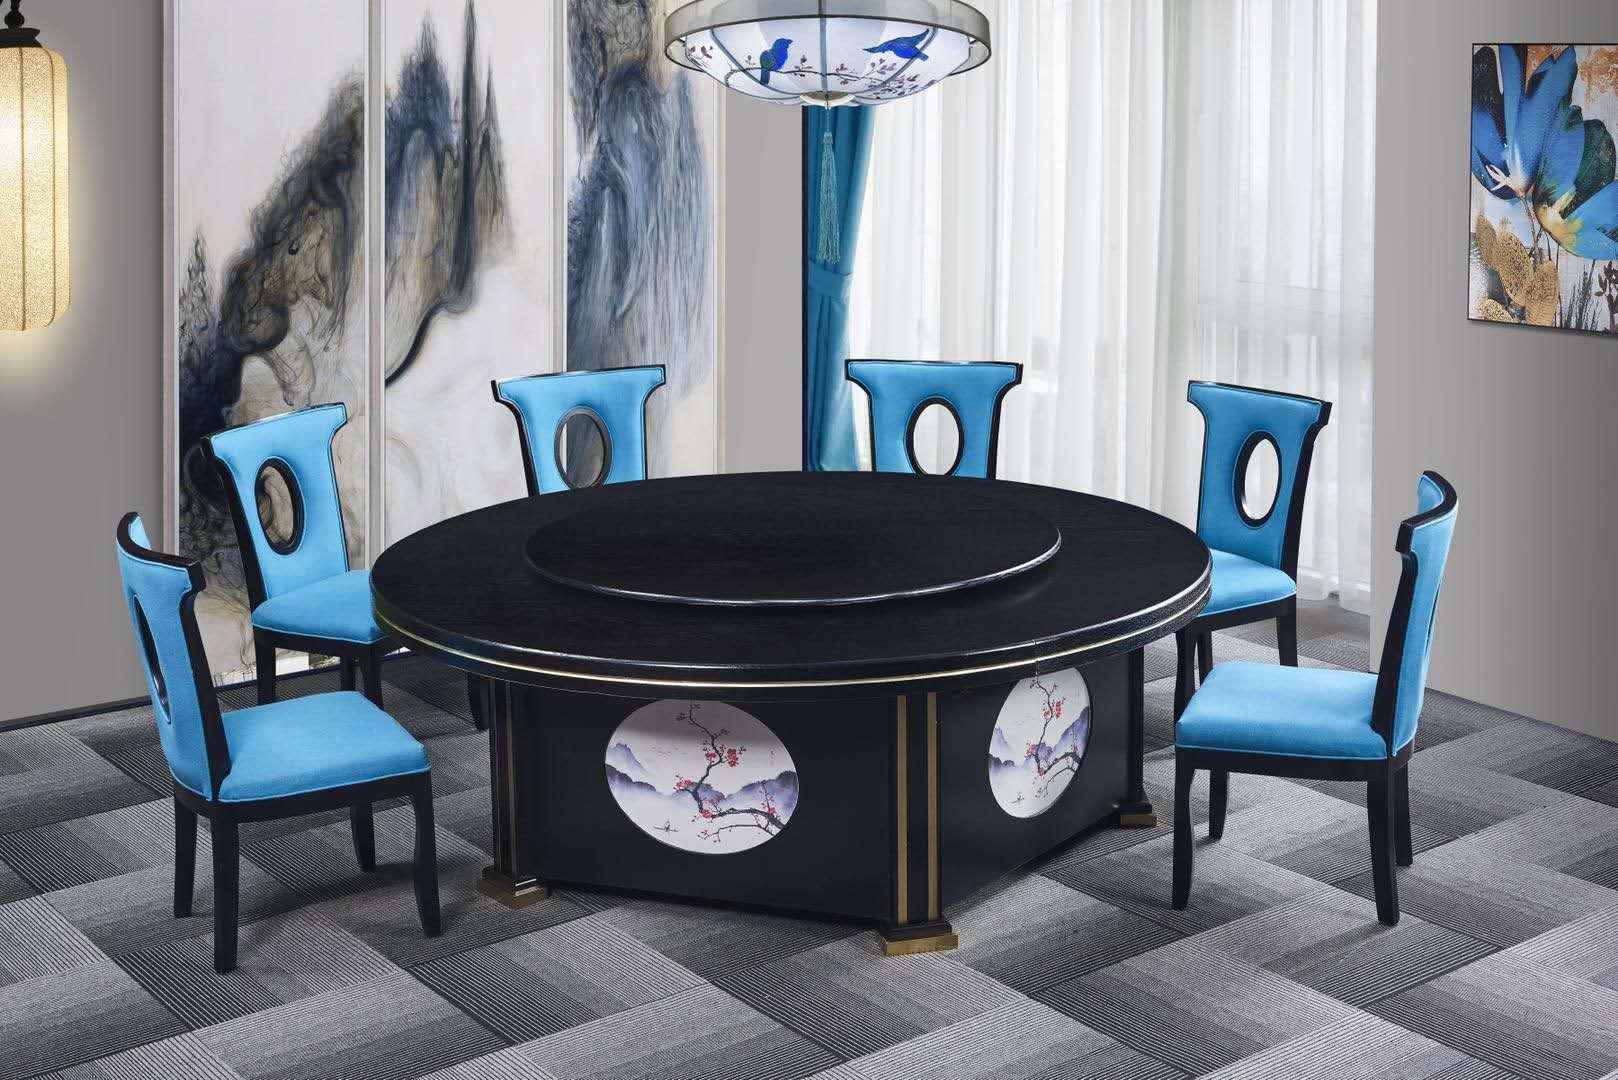 中今新中式雕花电动餐桌